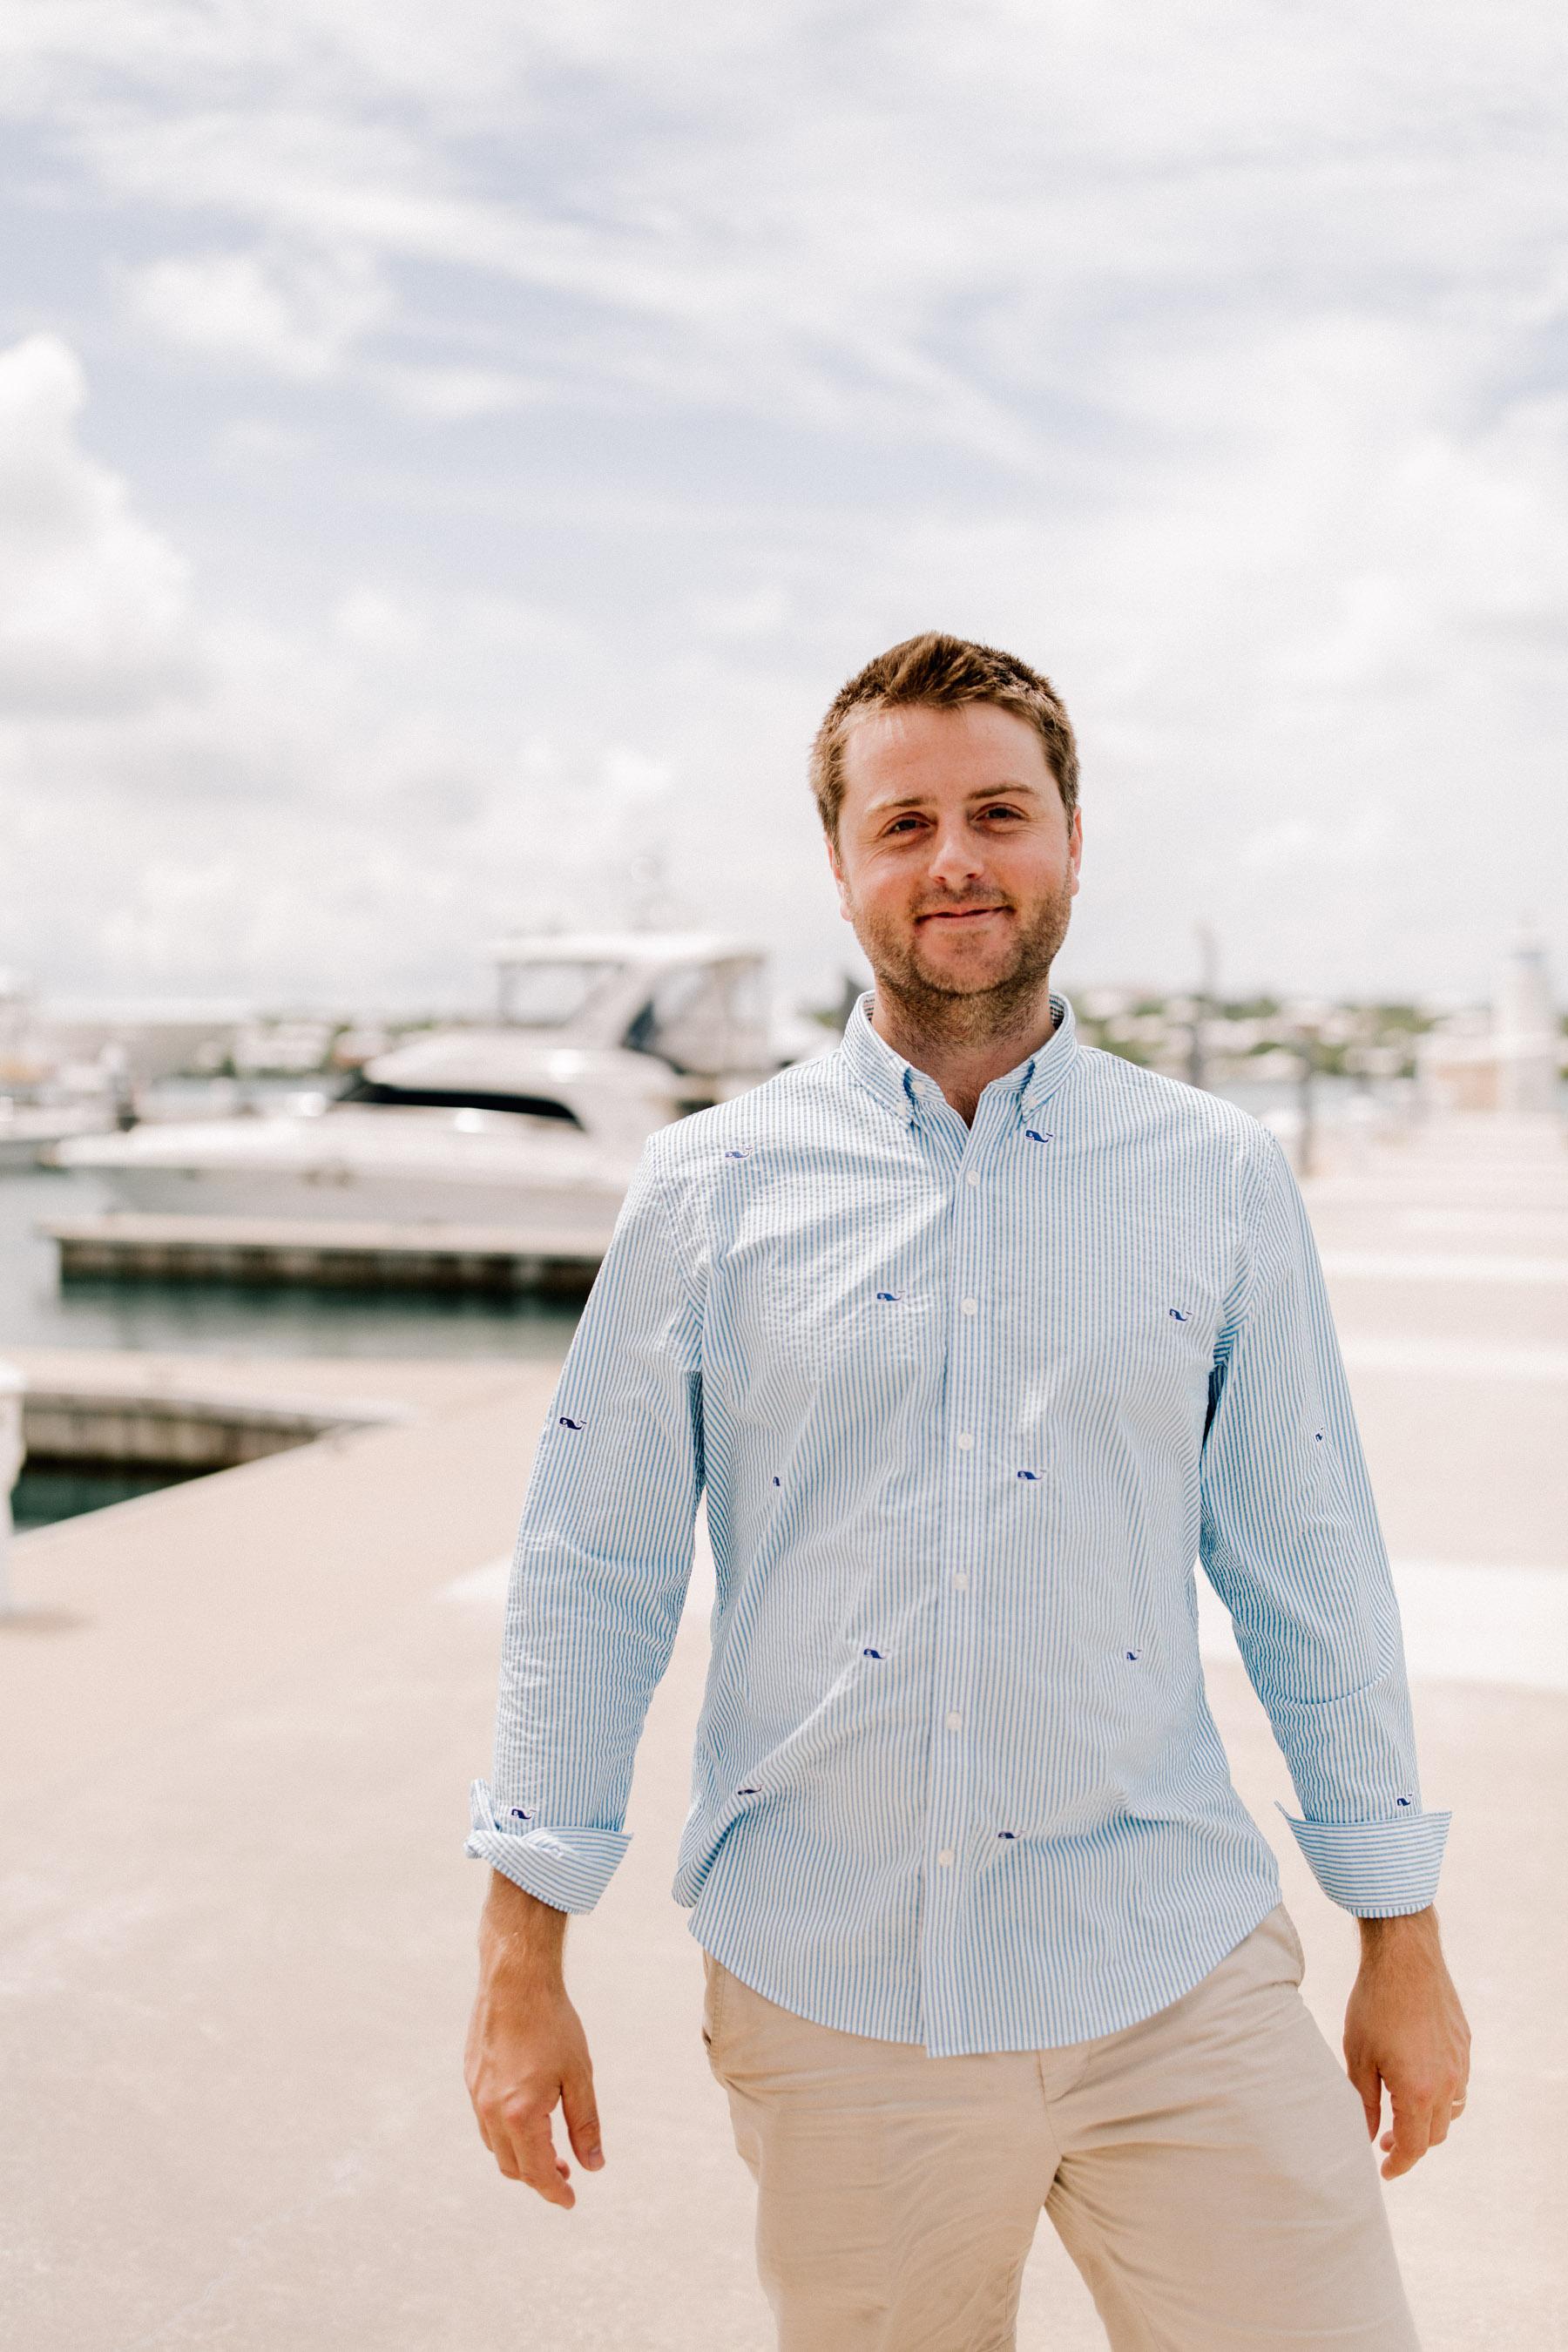 Mitch in Bermuda